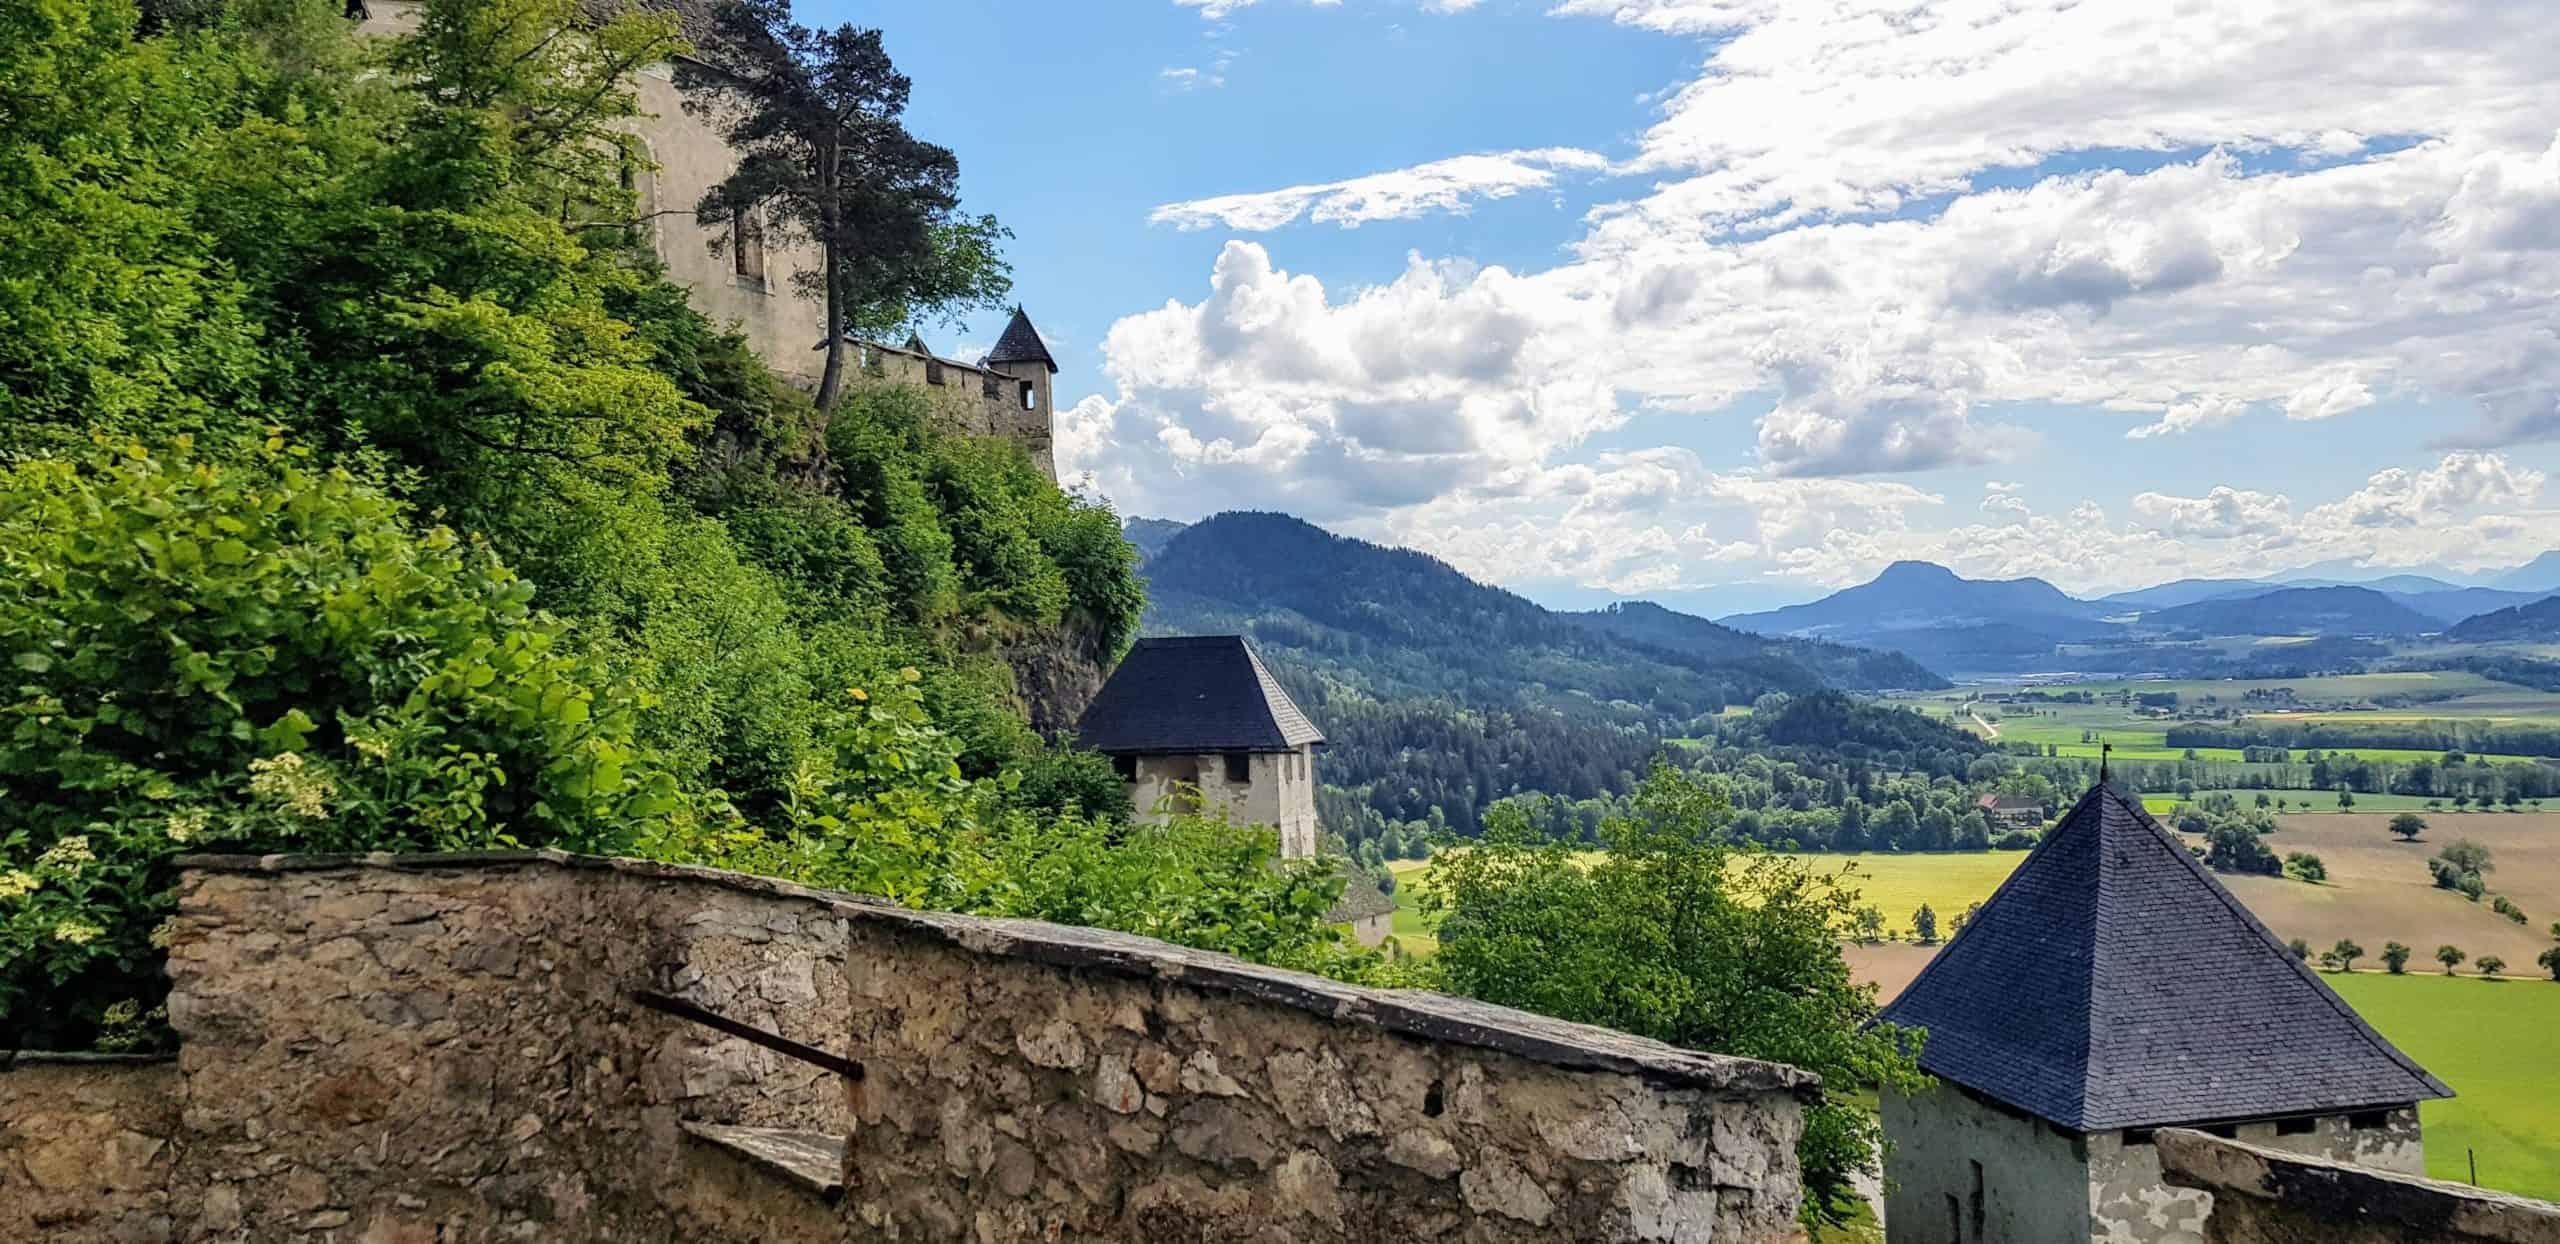 Aussichtsplattform bei Waffentor - eines der 14 Burgtore auf der Hochosterwitz in Kärnten, Nähe Klagenfurt und St. Veit